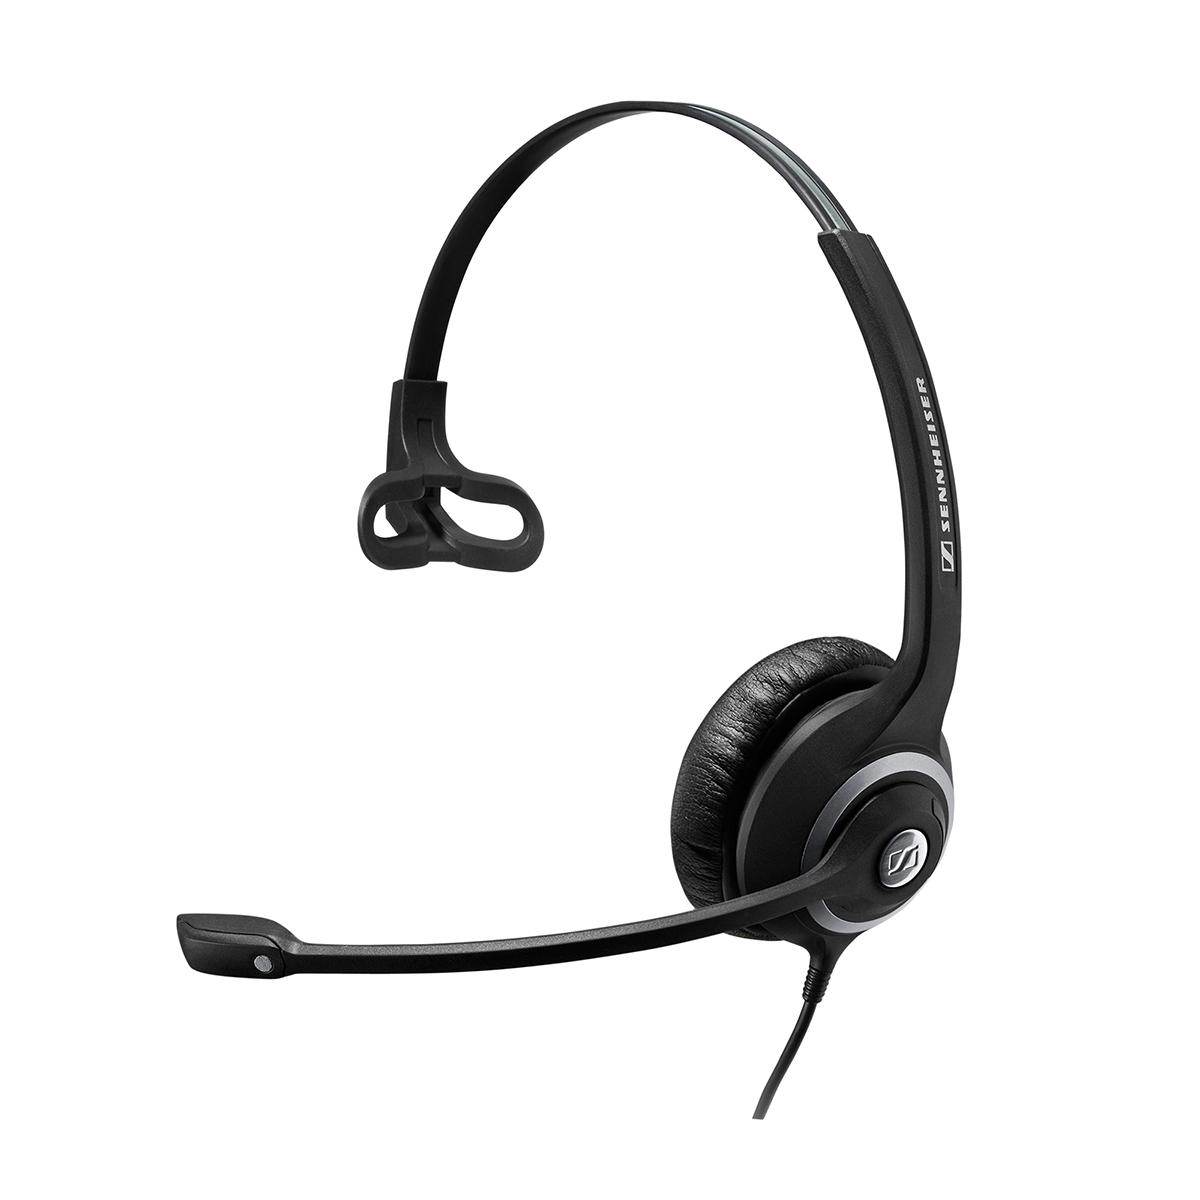 EPOS Sennheiser SC230 ED Mono Headset